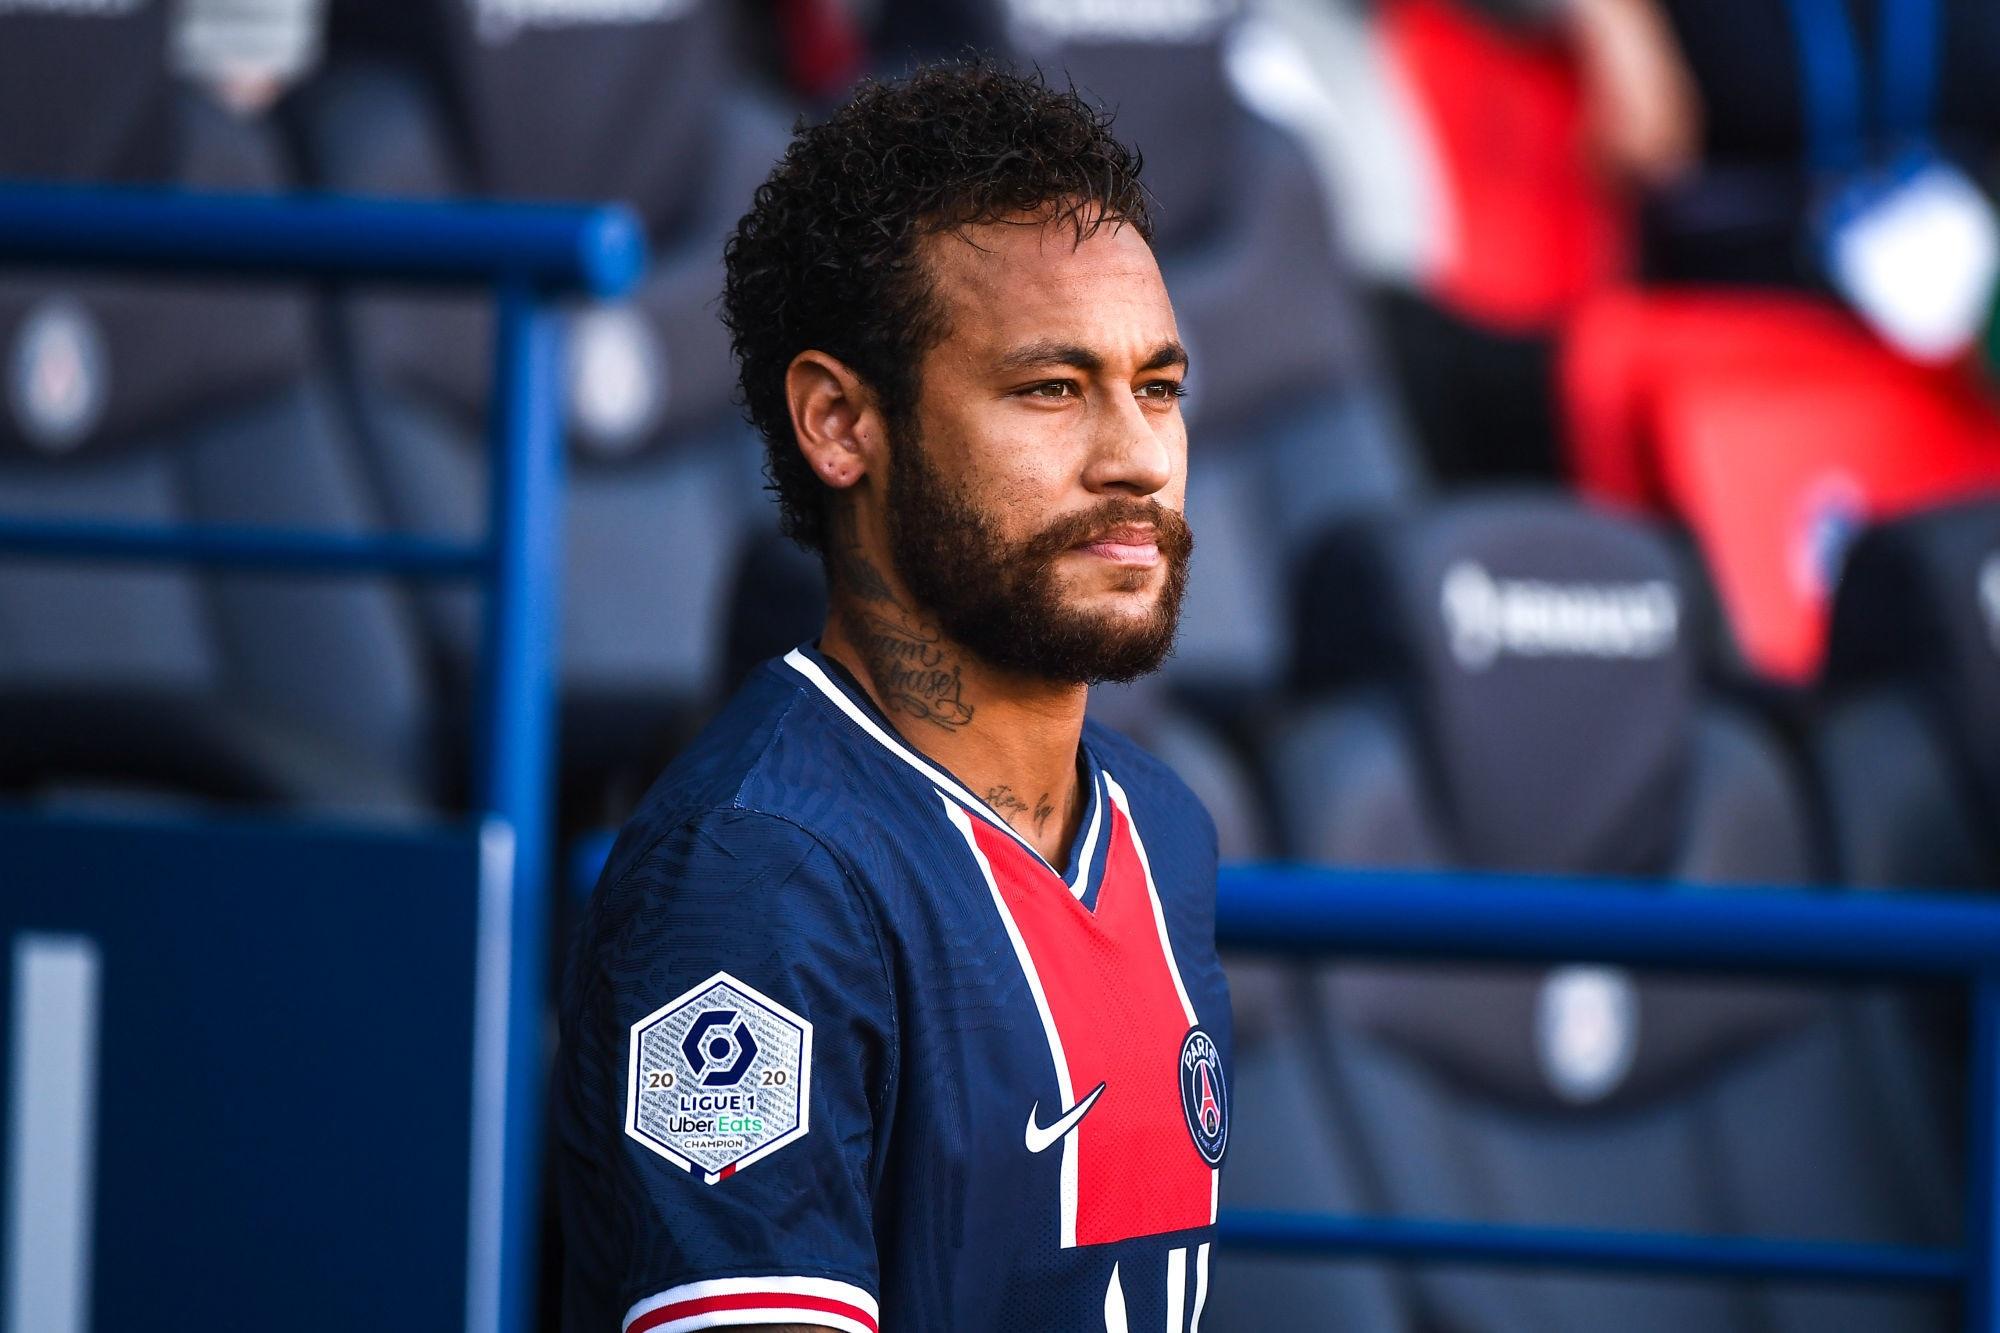 Neymar prêt à prolonger au PSG sans augmenter son salaire, selon Foot Mercato